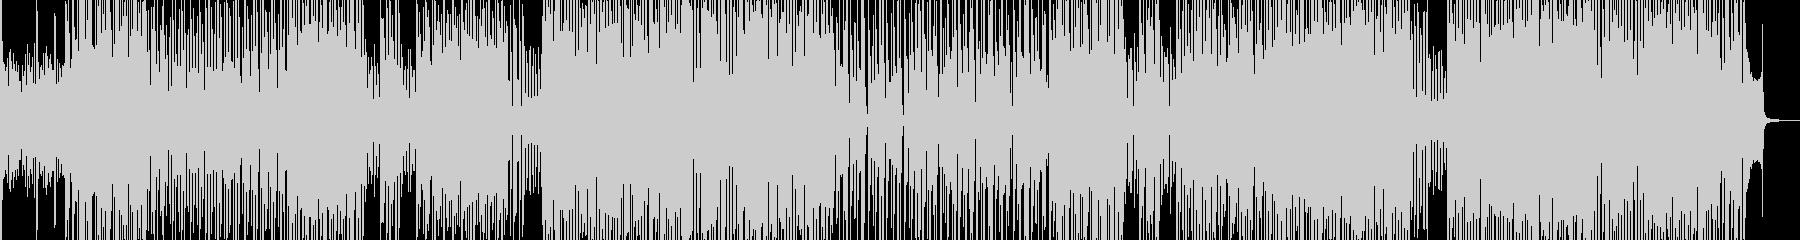 トロピカルな雰囲気に合うテクノ 長尺の未再生の波形